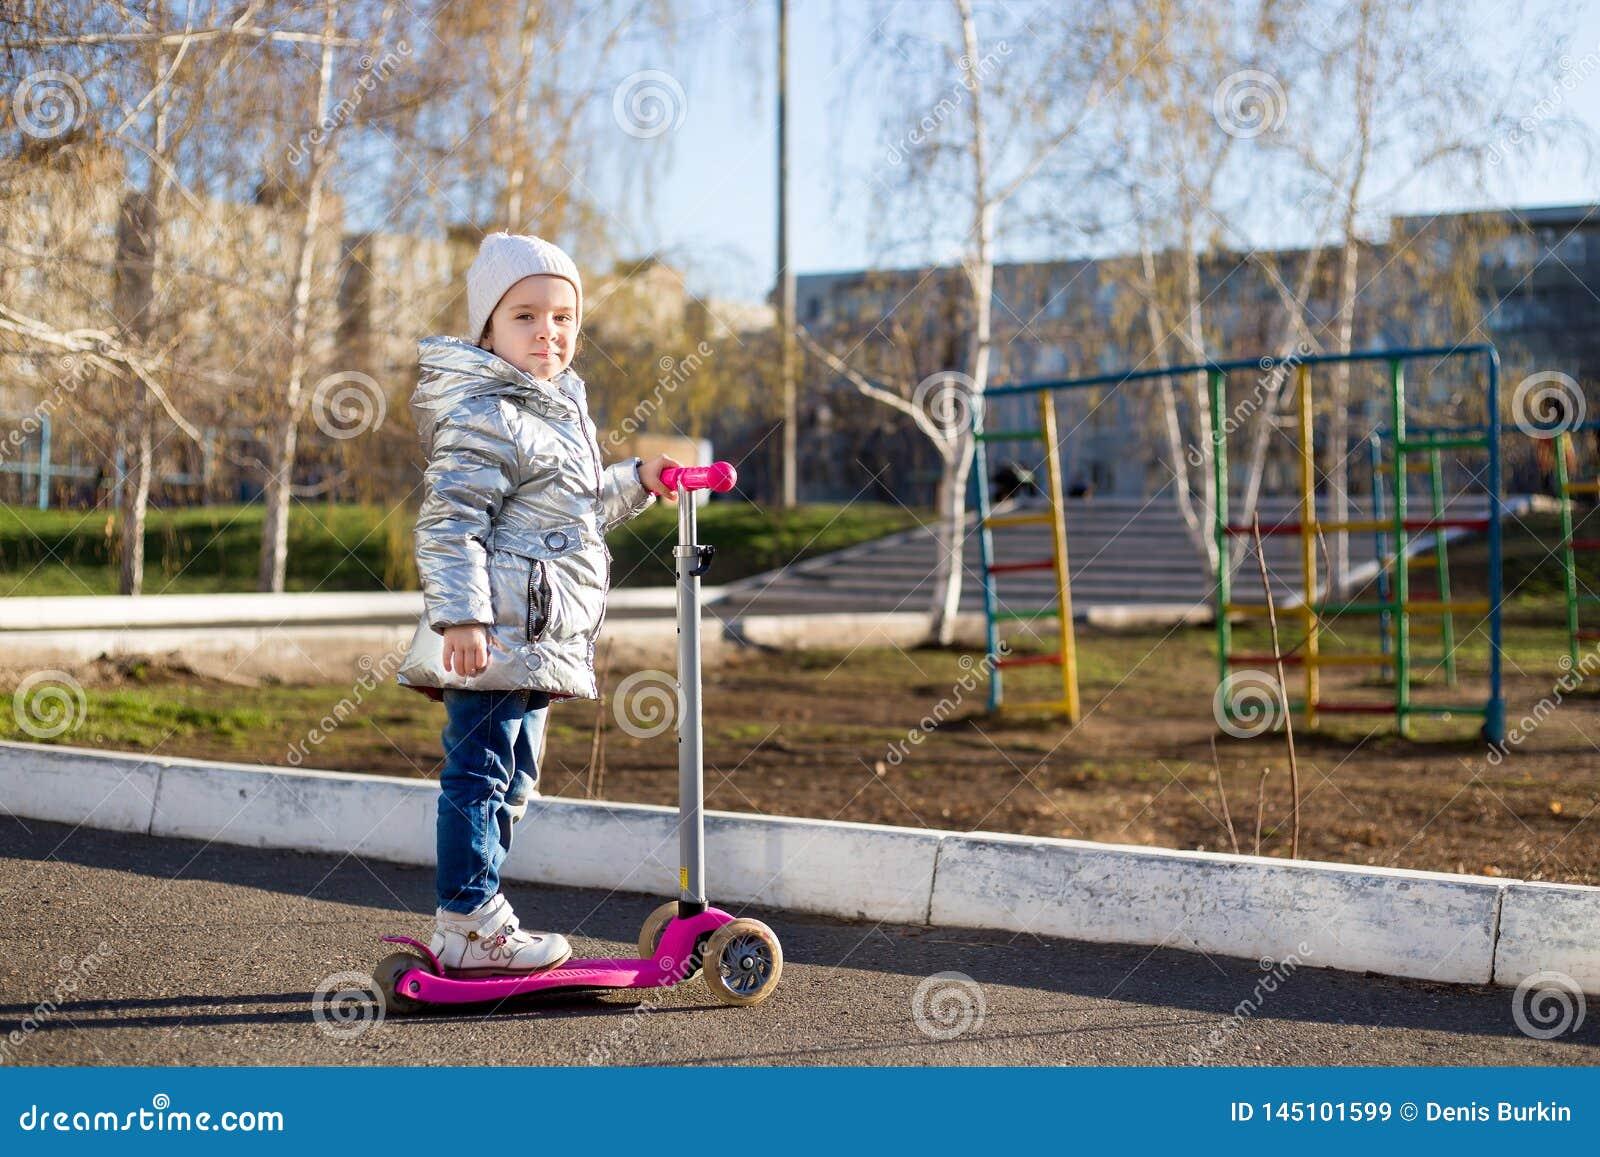 Ma?a dziewczynka jedzie hulajnog? w parku na Pogodnym wiosna dniu Aktywny czas wolny i plenerowy sport dla dzieci